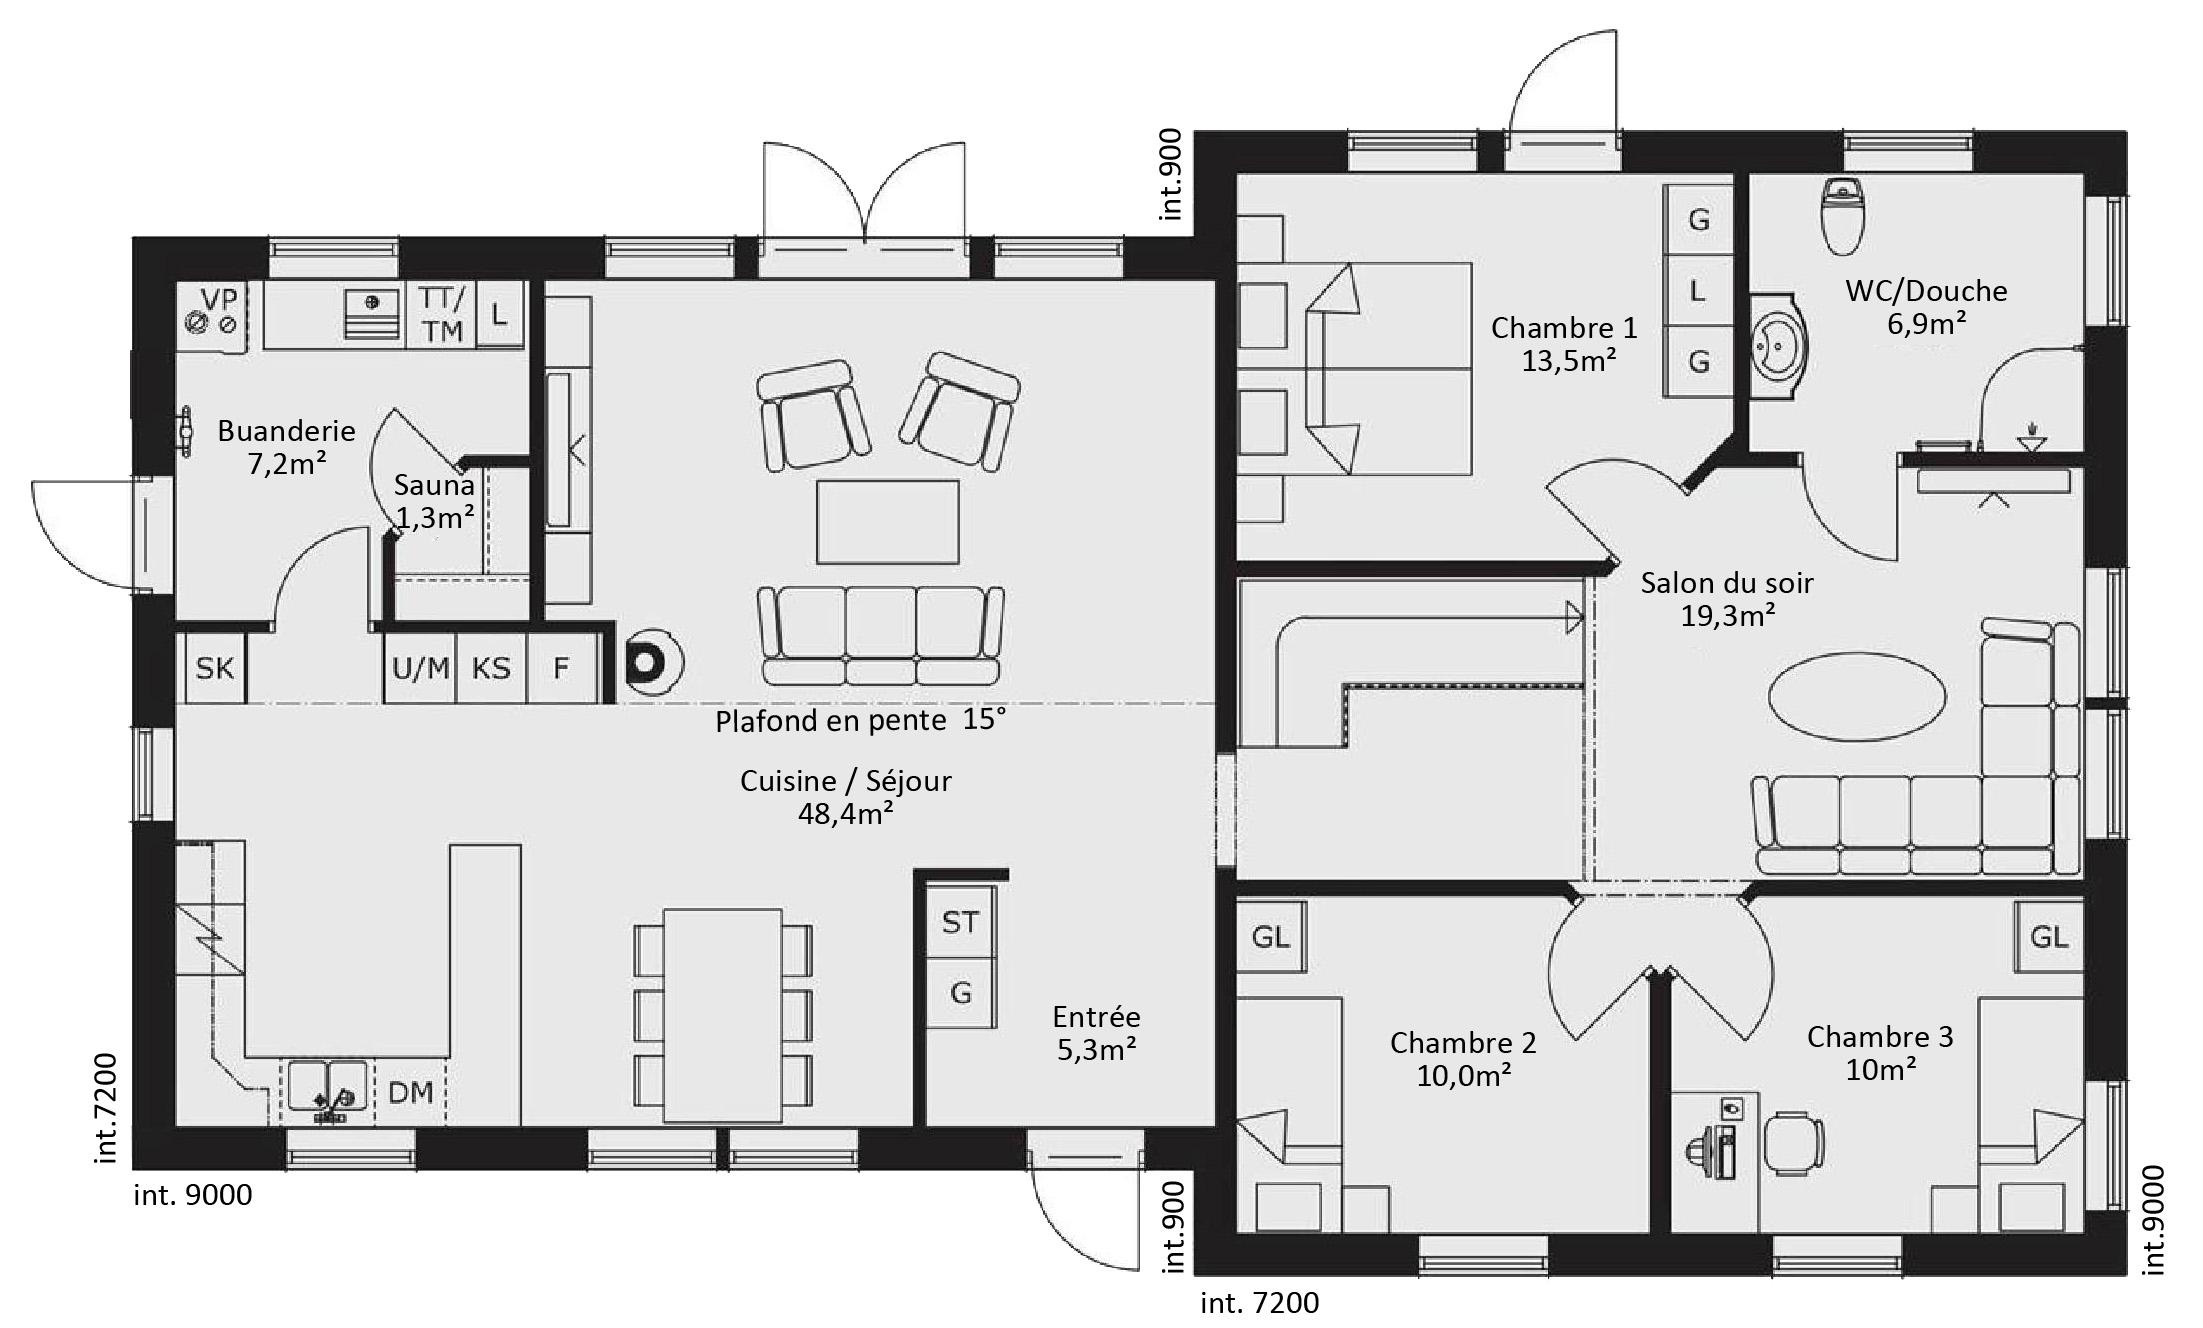 Plan de maison basse 5 pièces - Idées de travaux